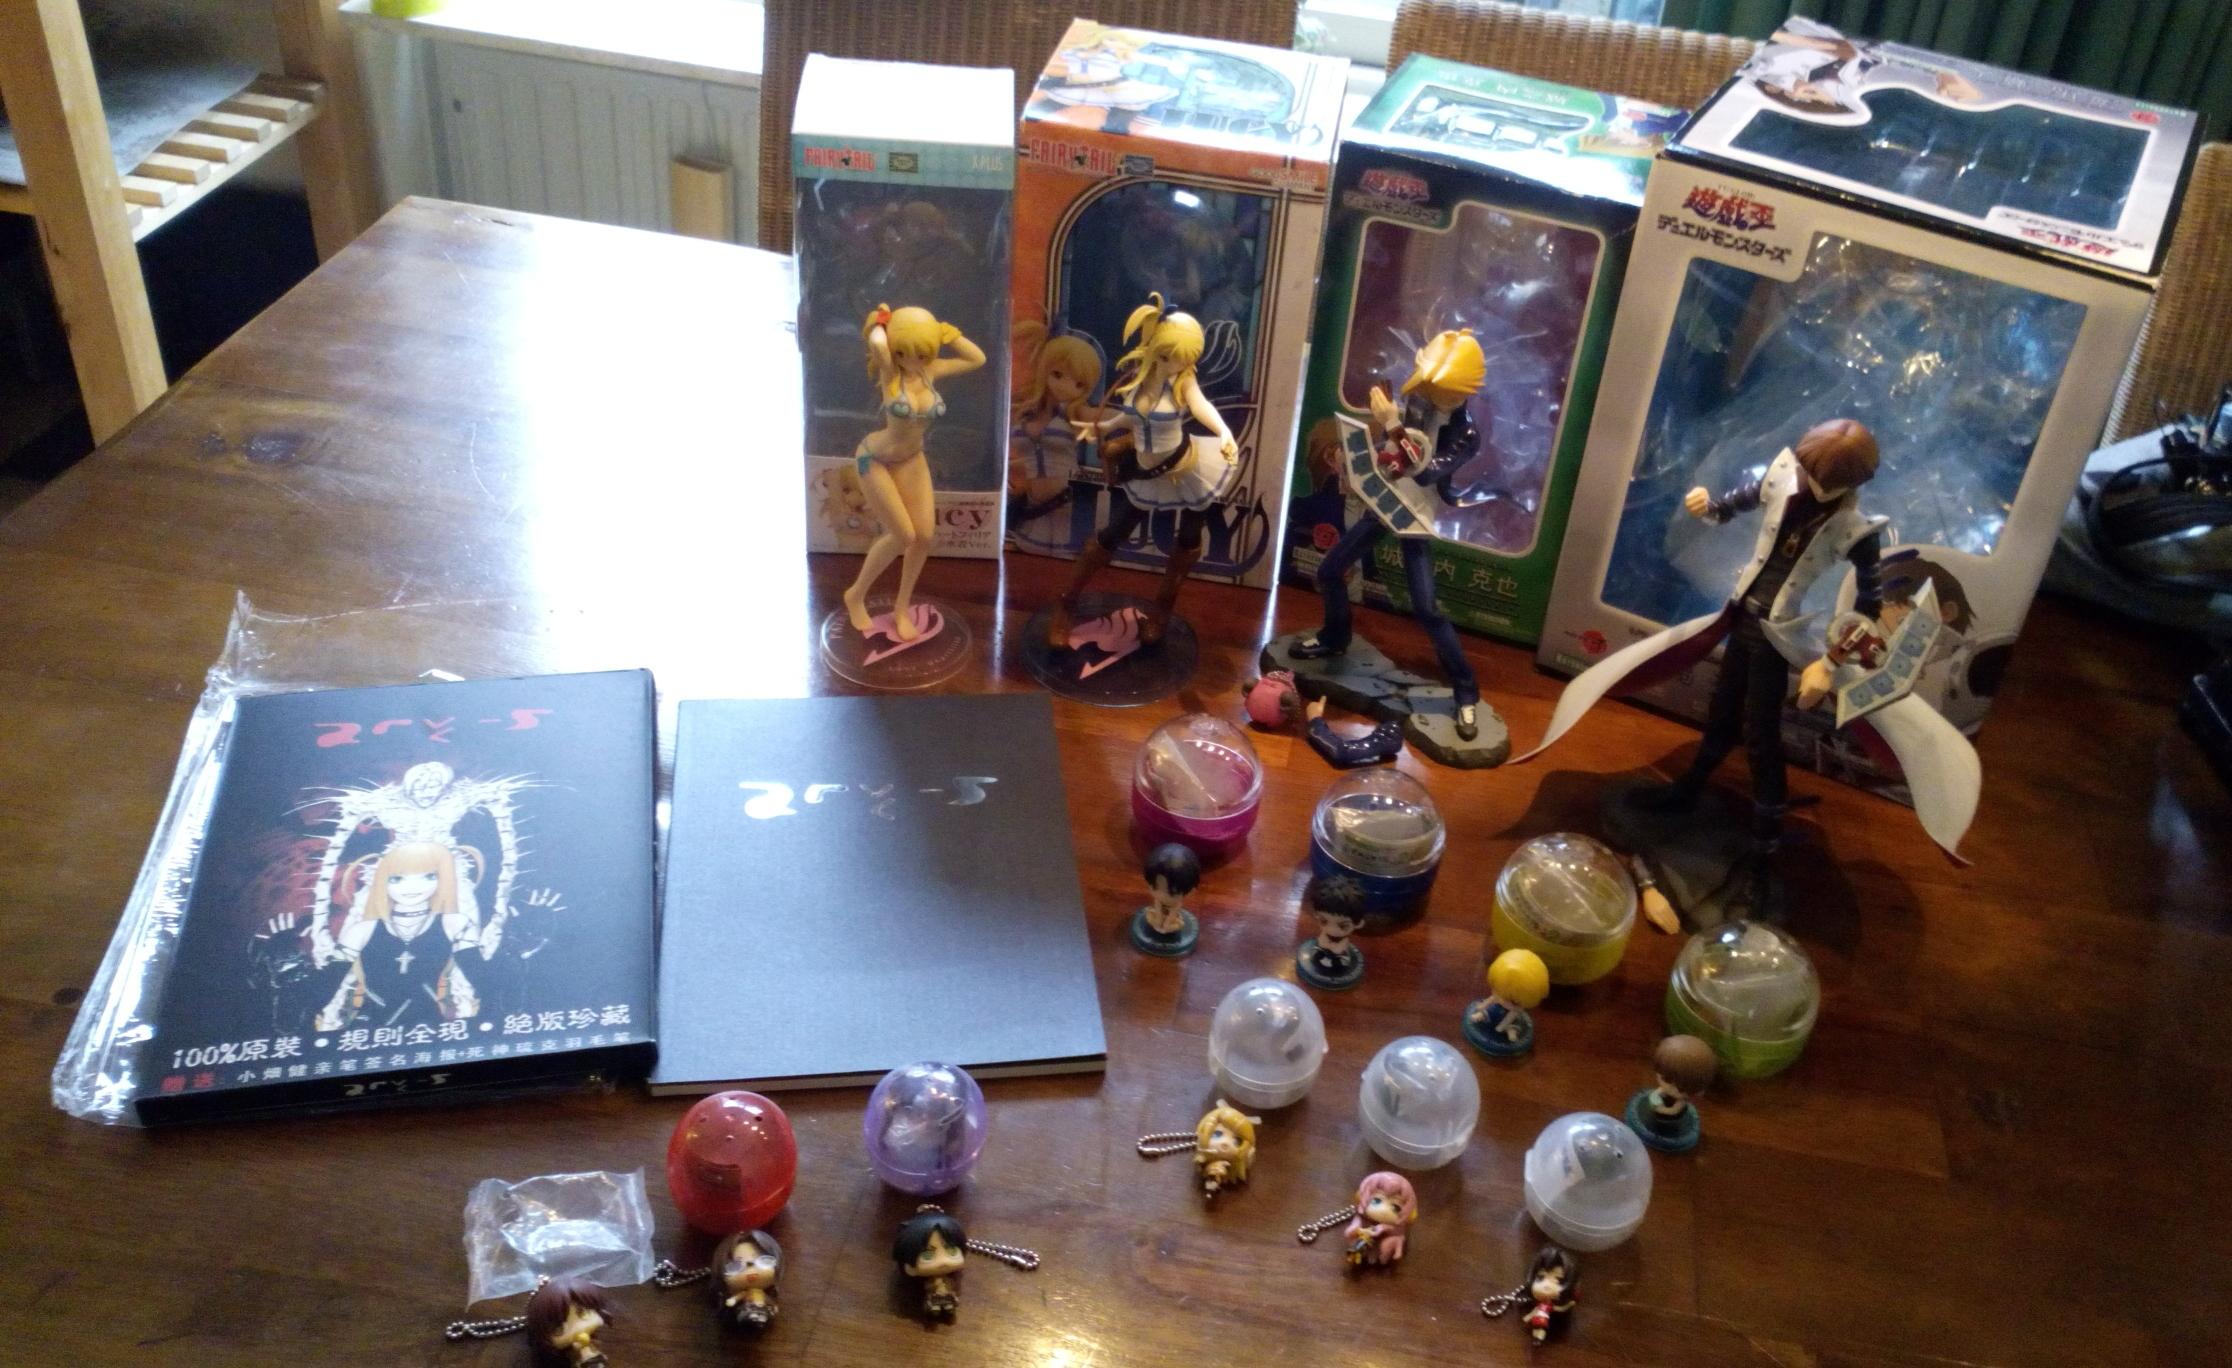 vocaloid kotobukiya sega megurine_luka meiko bandai kagamine_rin swing movic shueisha shirahige_tsukuru takara_tomy_a.r.t.s kaiba_seto jounouchi_katsuya colorfull_collection sagae_hiroshi mascot_key_chain takahashi_kazuki yu-gi-oh!_duel_monsters kuroko_no_basket kise_ryouta artfx_j takao_kazunari kasamatsu_yukio deformed_mini yupon shingeki_no_kyojin sasha_blouse sakurai_ryou hange_zoe deformed_mini_shingeki_no_kyojin_chimi_chara_mascot_2 kuroko_no_basket_suwarase_team_2 shingeki_no_kyojin_chimi_chara_mascot_3 colorfull_collection_-_shingeki_no_kyojin eren_yeager suwarase_team